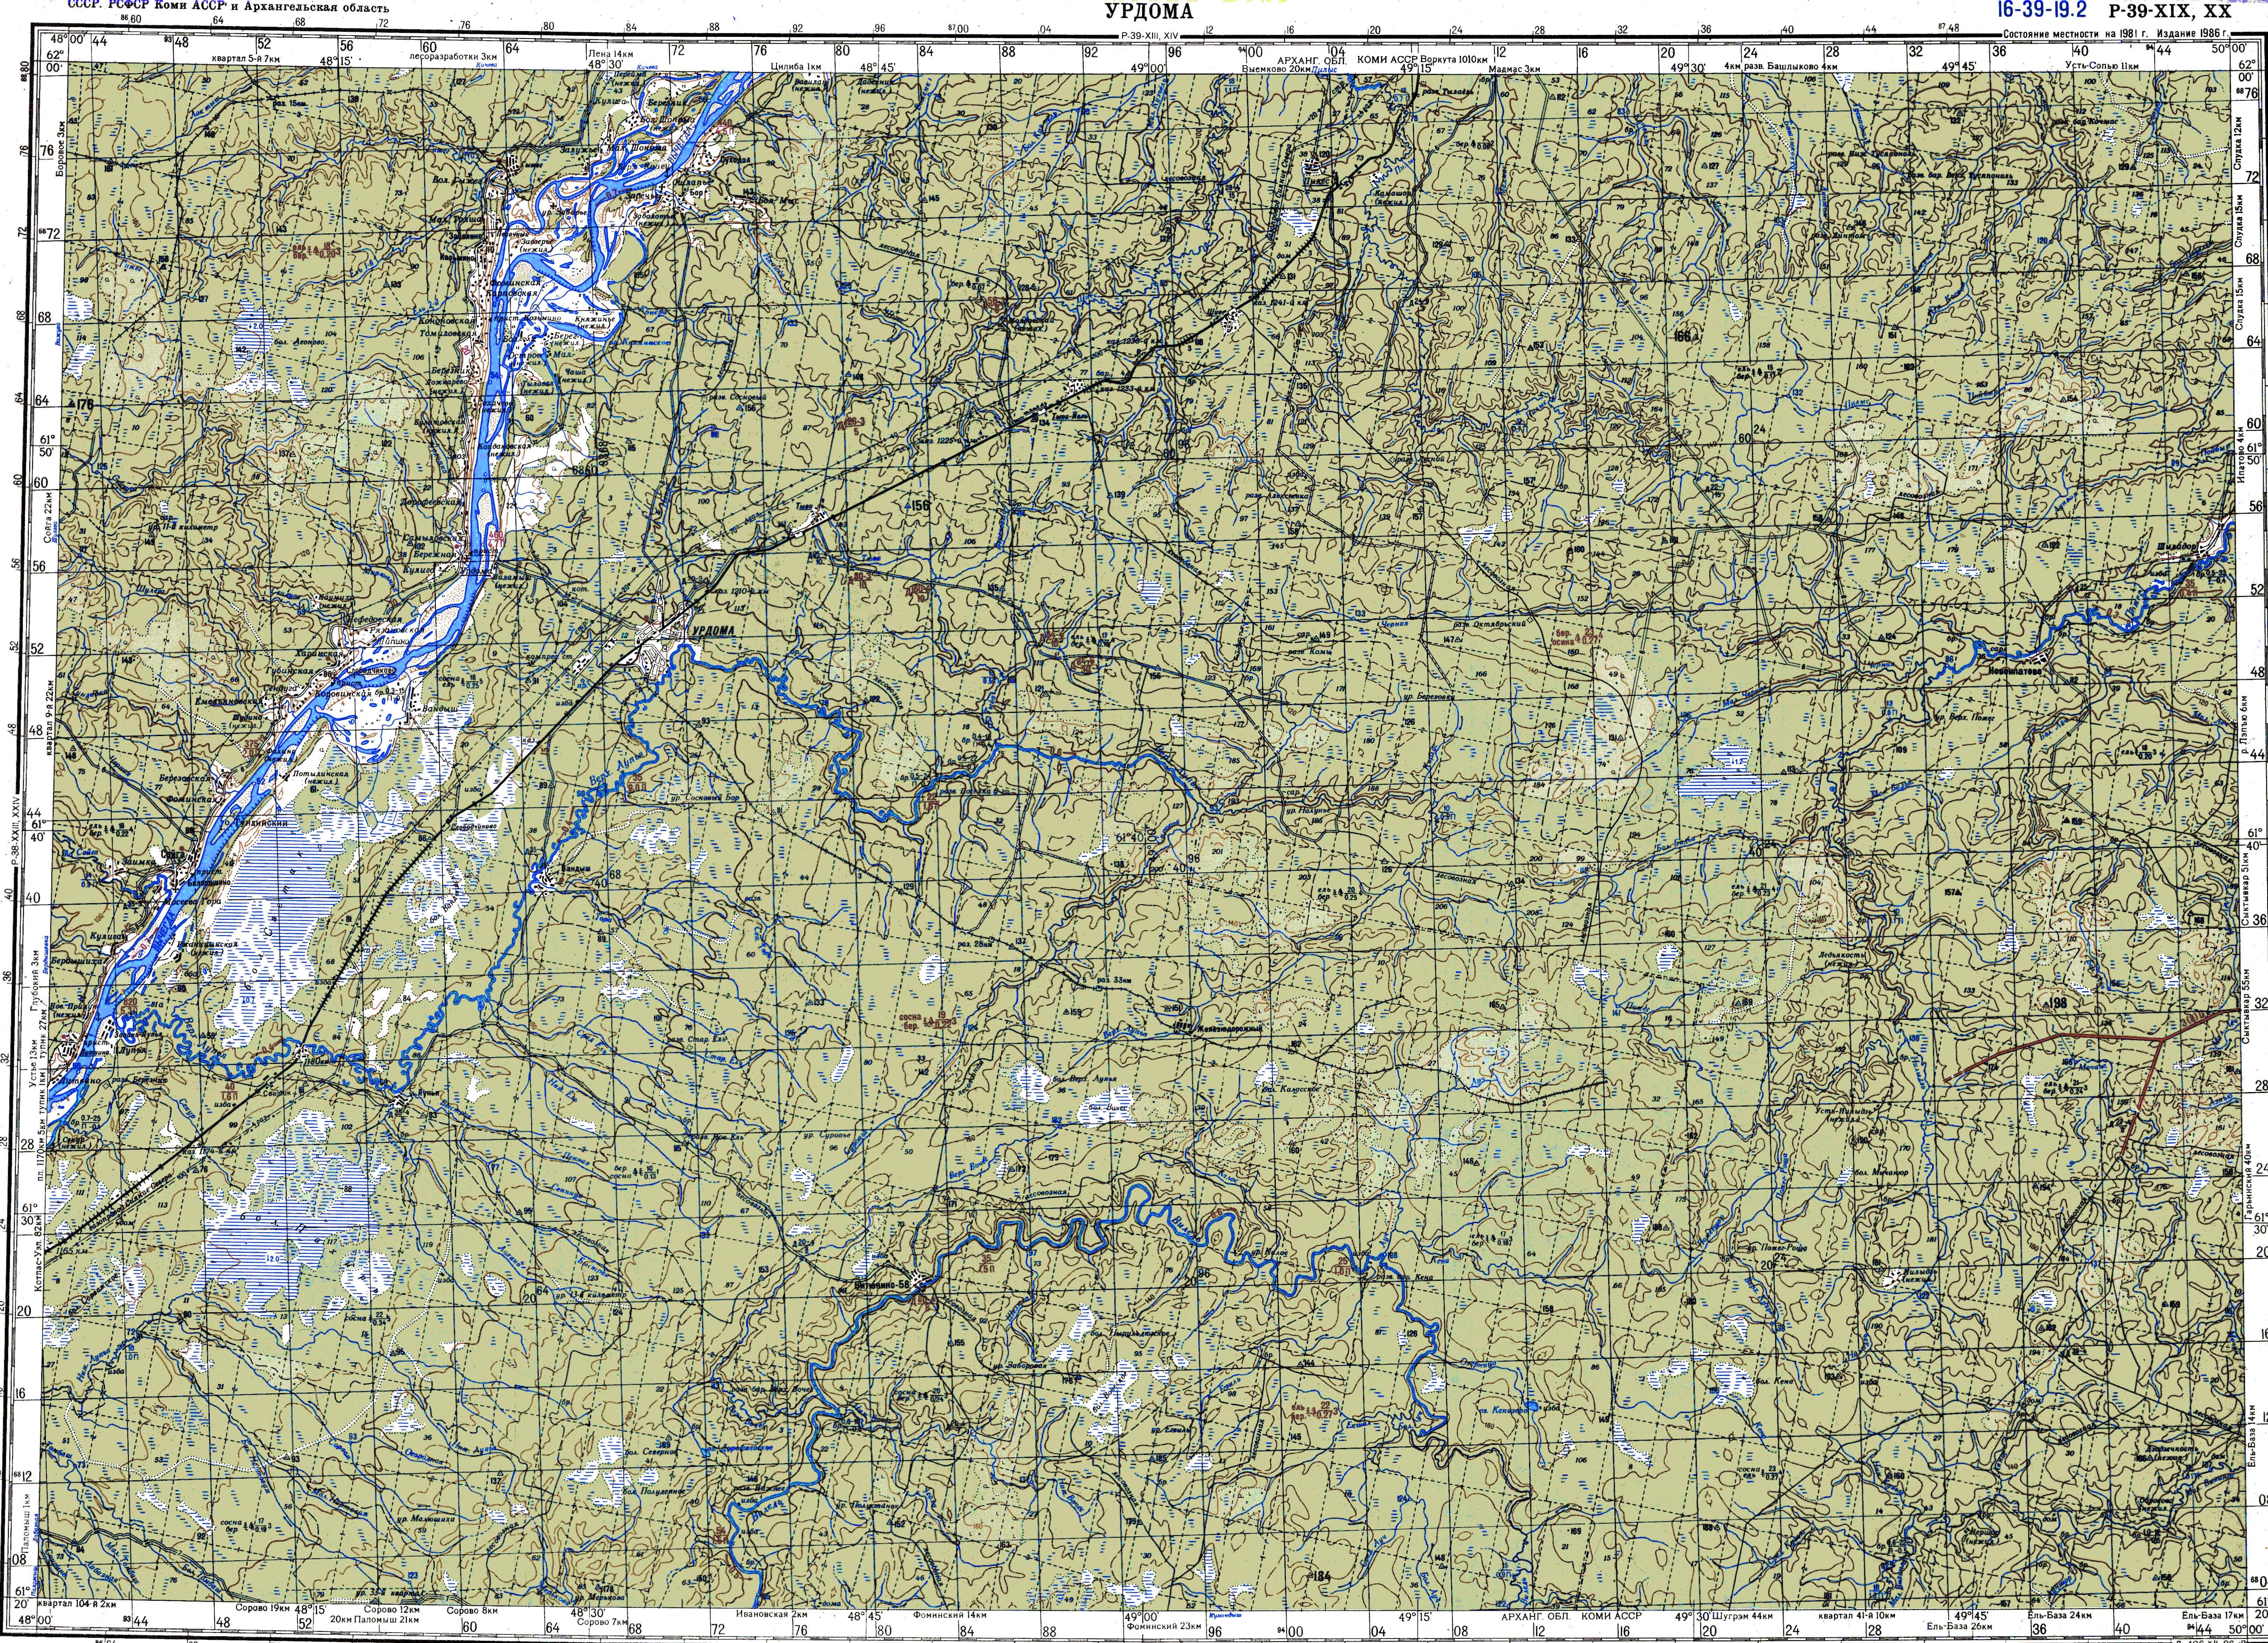 Карта Генерального штаба Урдома Р-39-XIII, XIV. Состояние местности на 1981 г. Издание 1986 г.